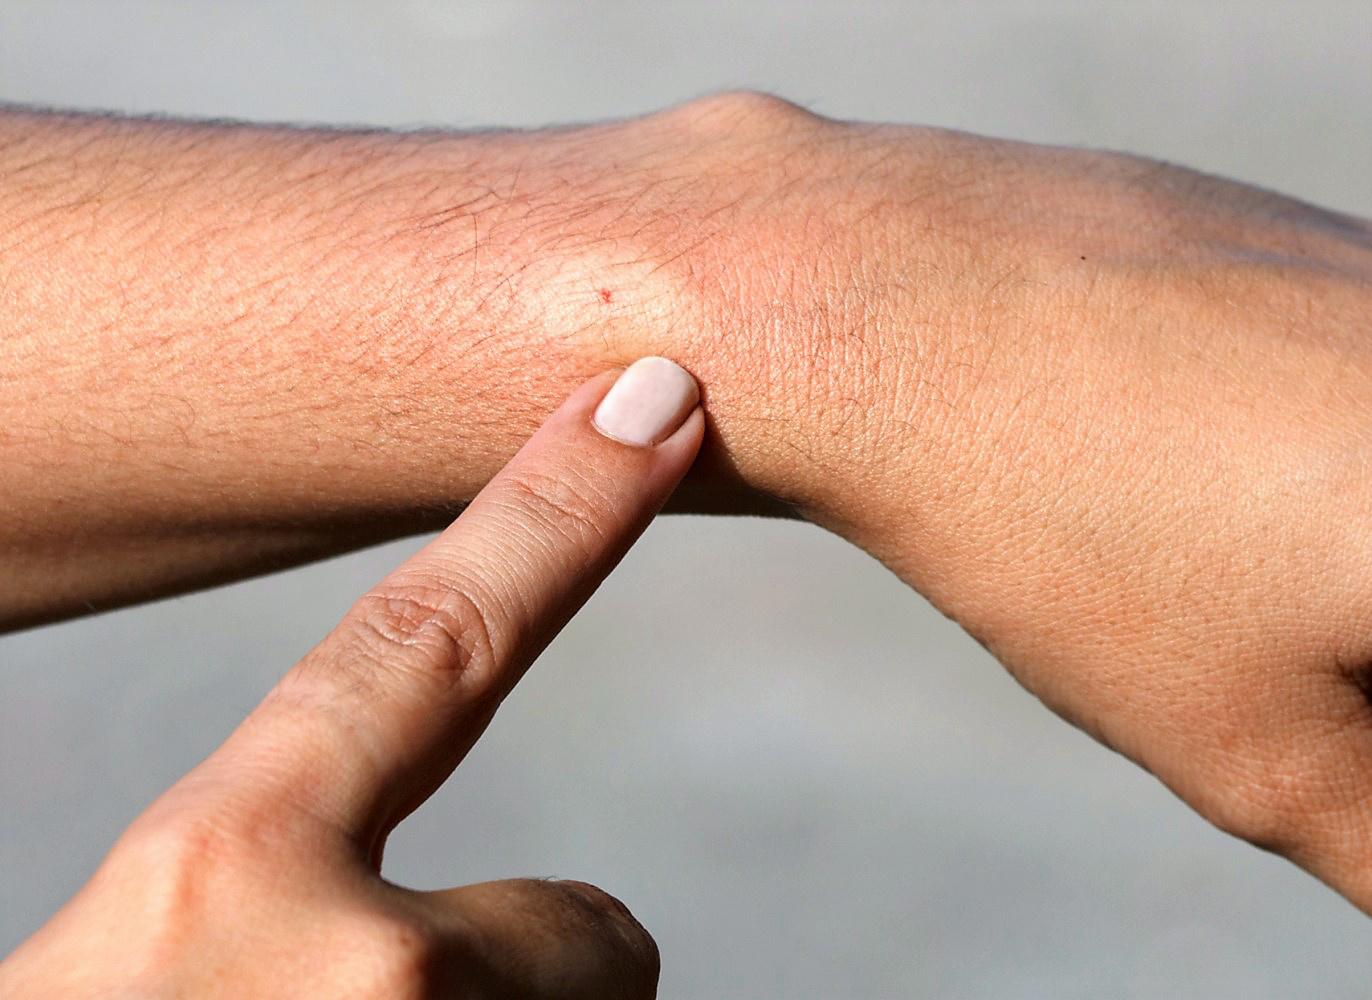 hogyan lehet eltávolítani a vörös foltokat a karcolások után hogyan kell kezelni a pikkelysmr sebeket